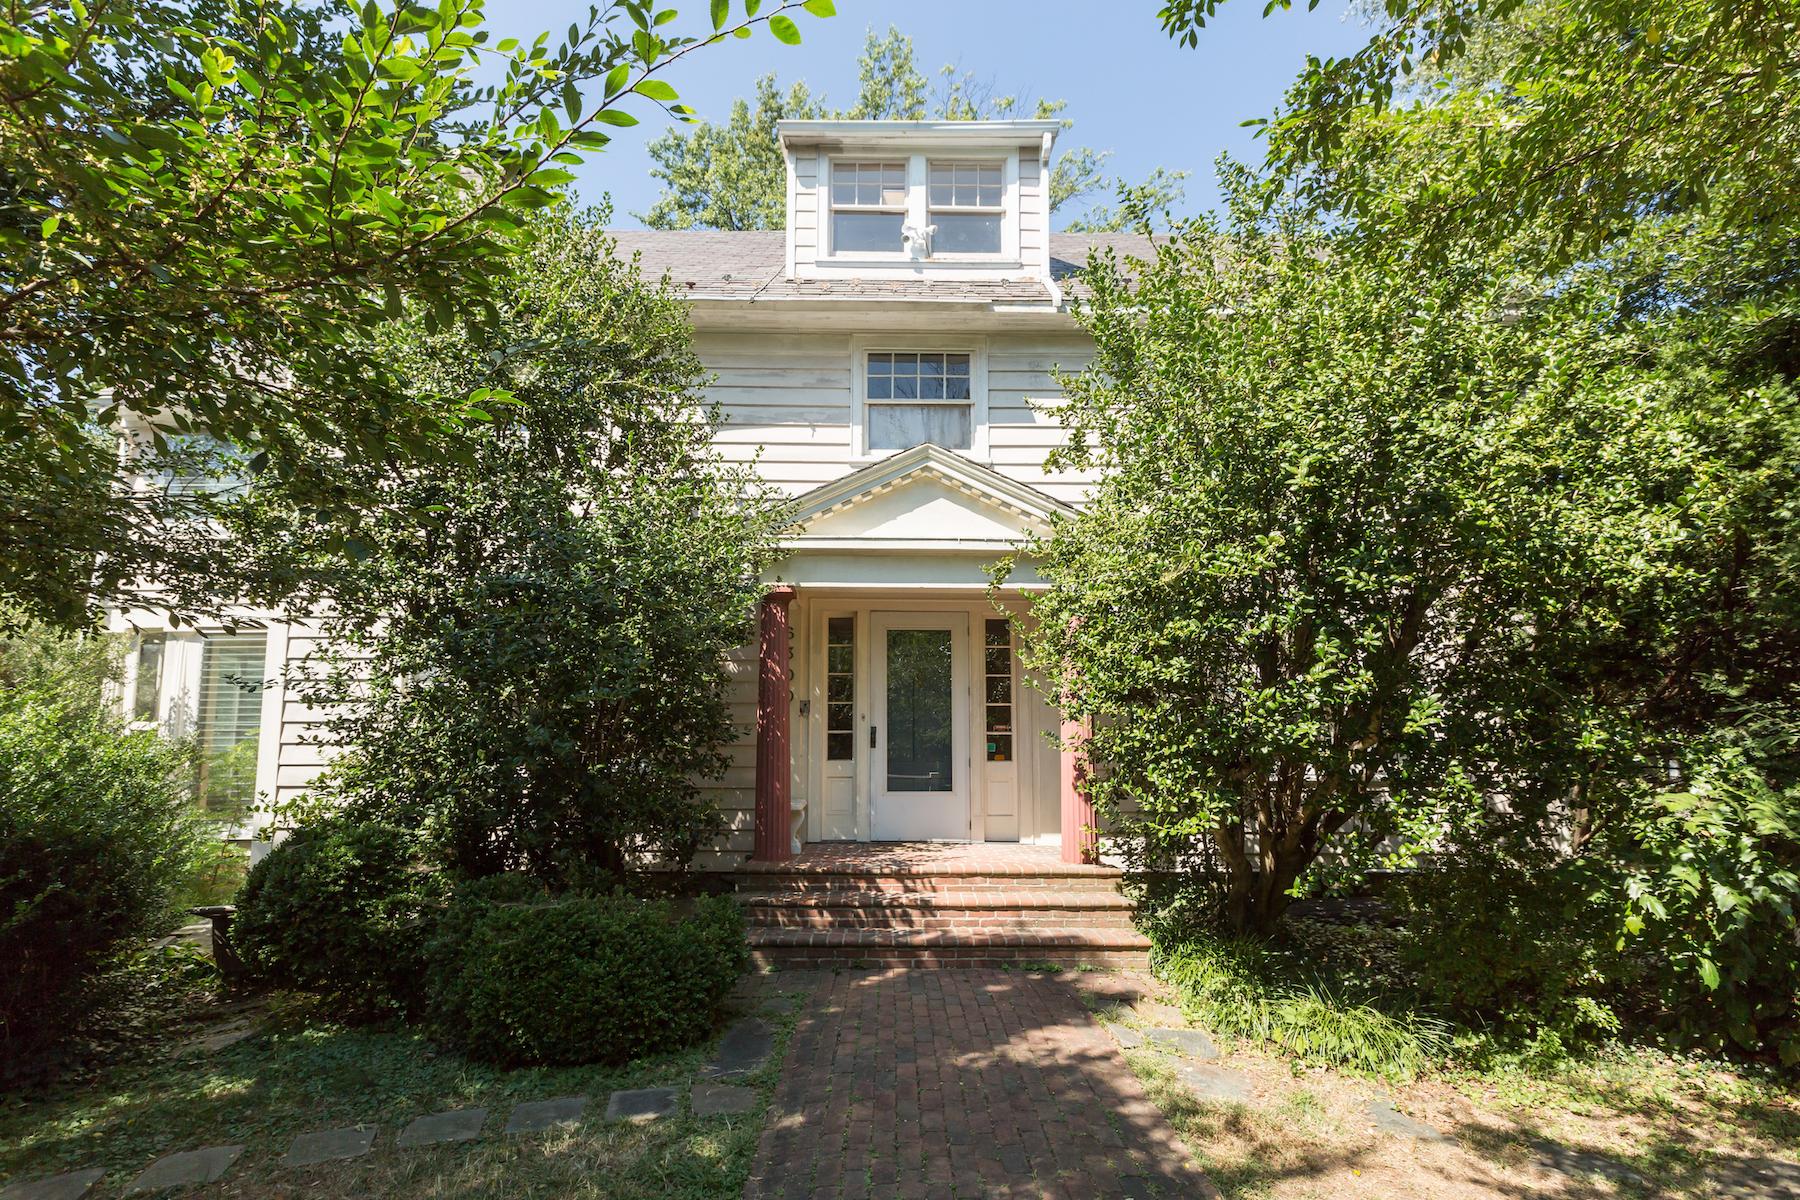 Maison unifamiliale pour l Vente à Chevy Chase 6300 Brookville Rd Chevy Chase, Maryland, 20815 États-Unis